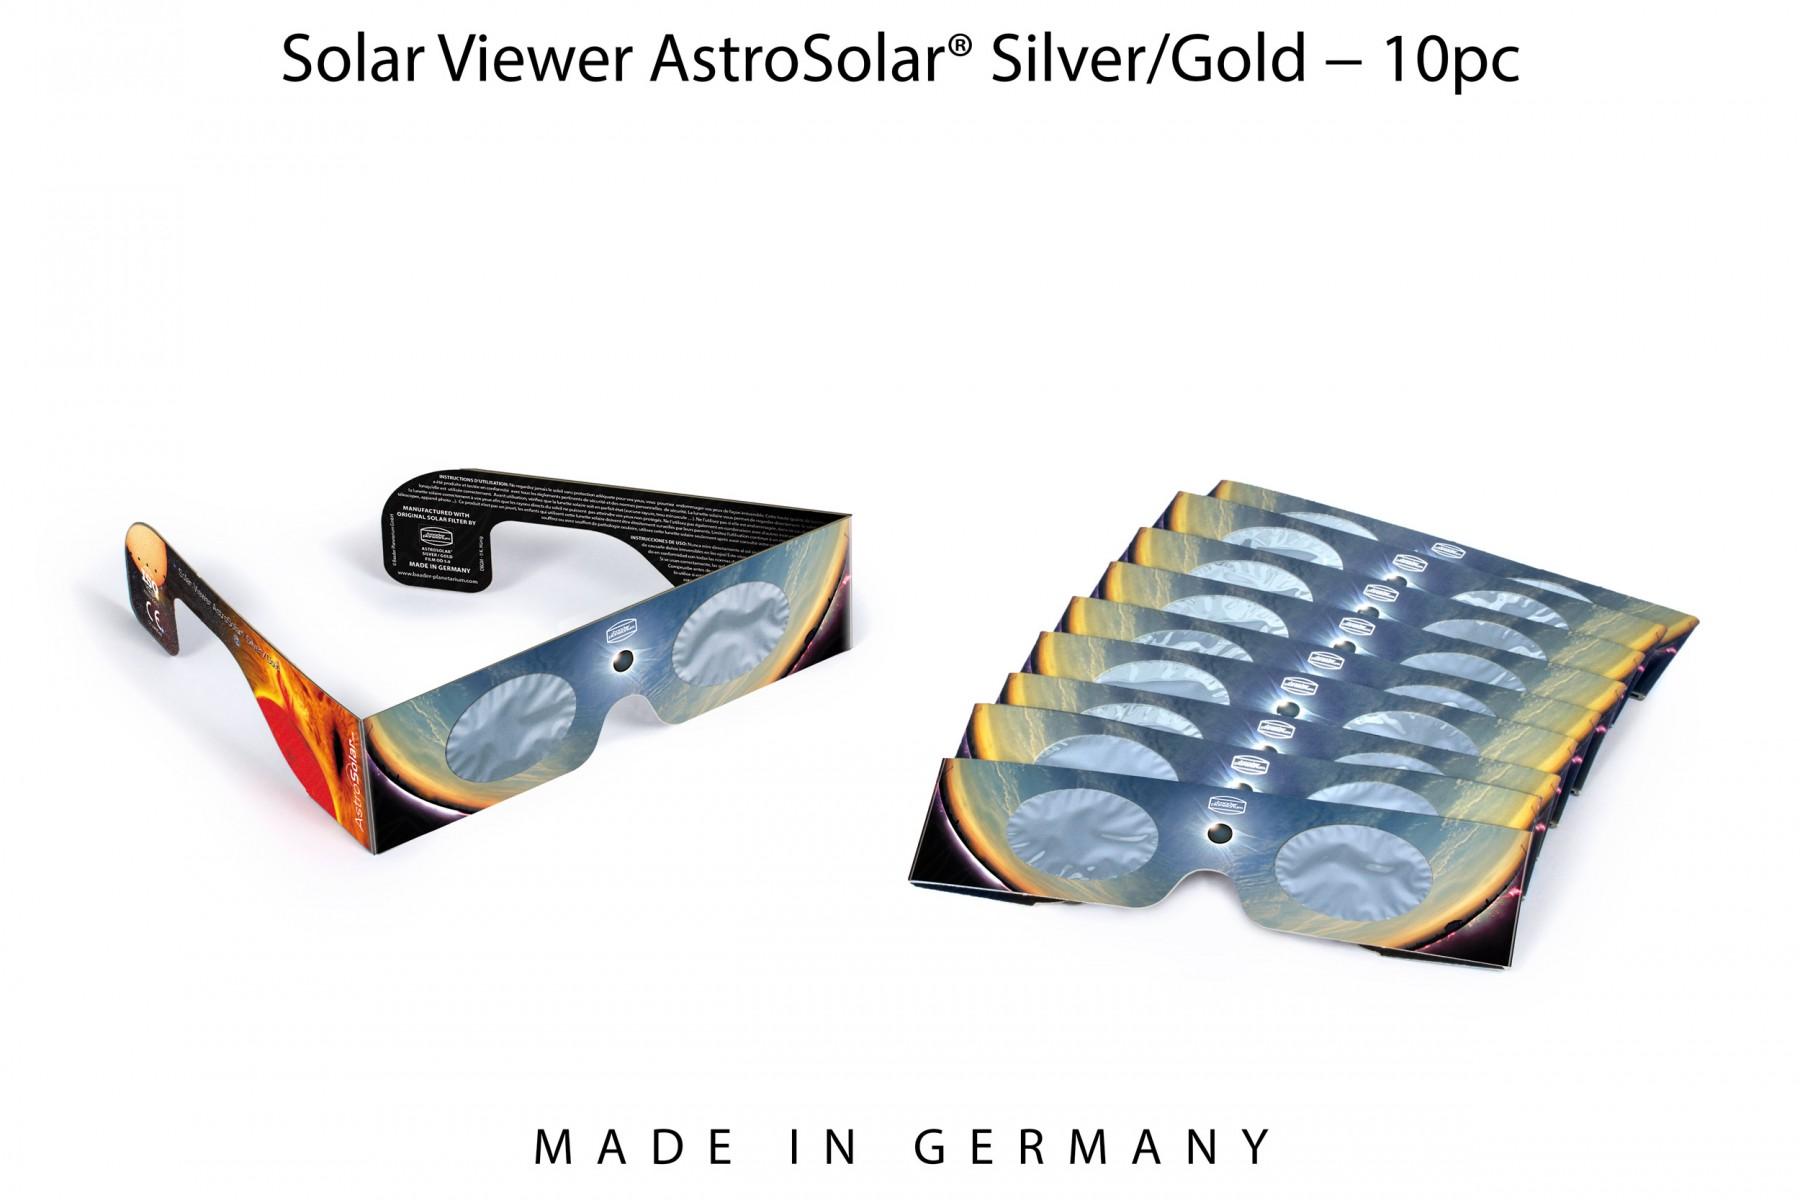 10 x Solar Viewer AstroSolar® Silver/Gold